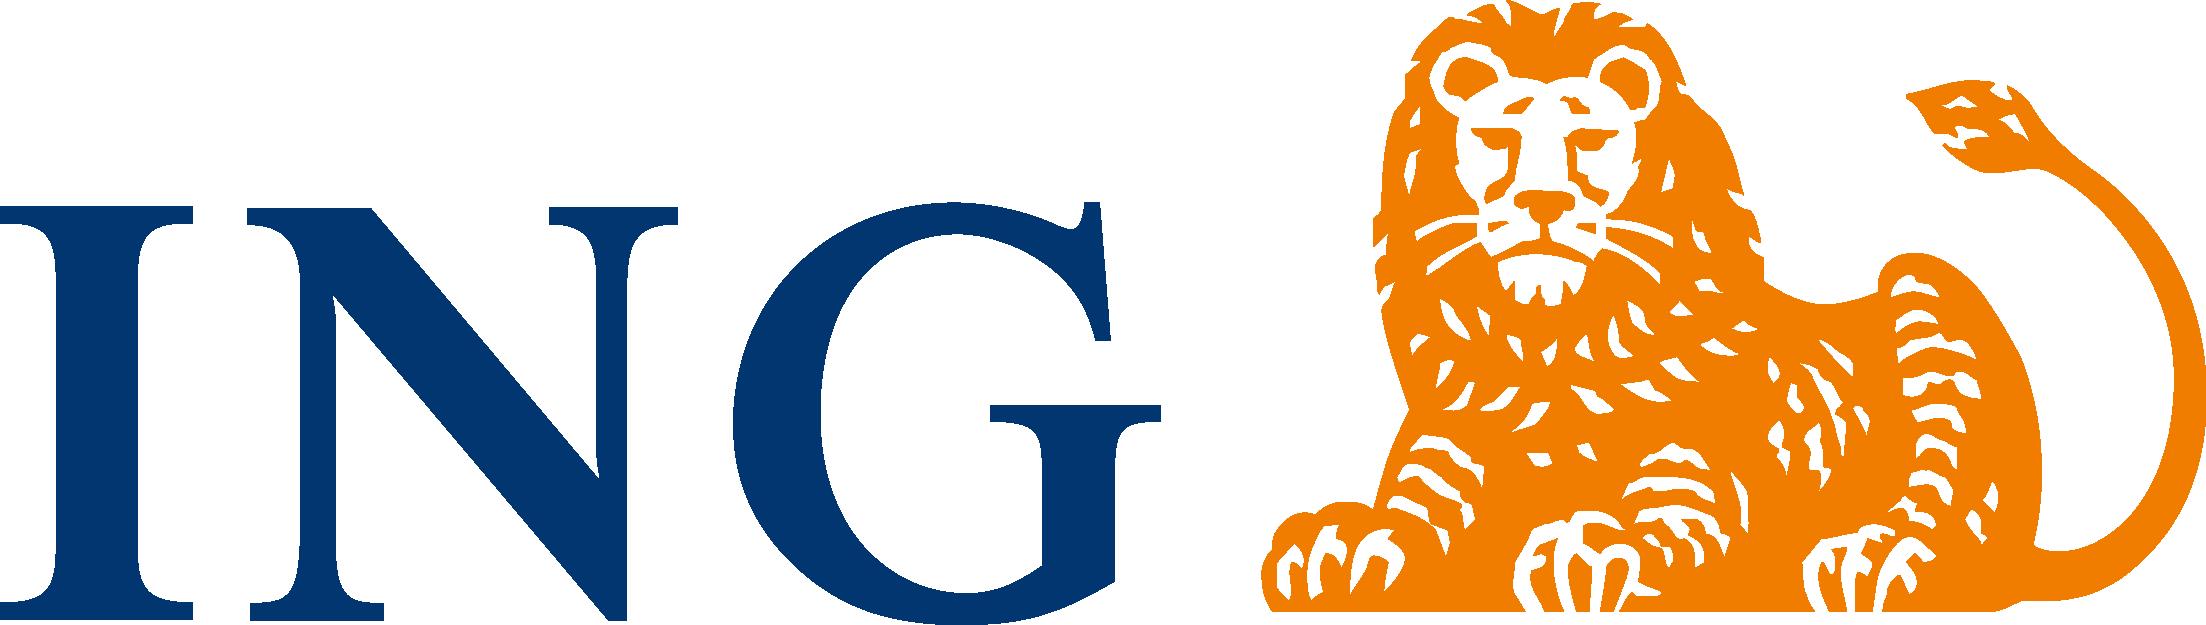 logo ing.png